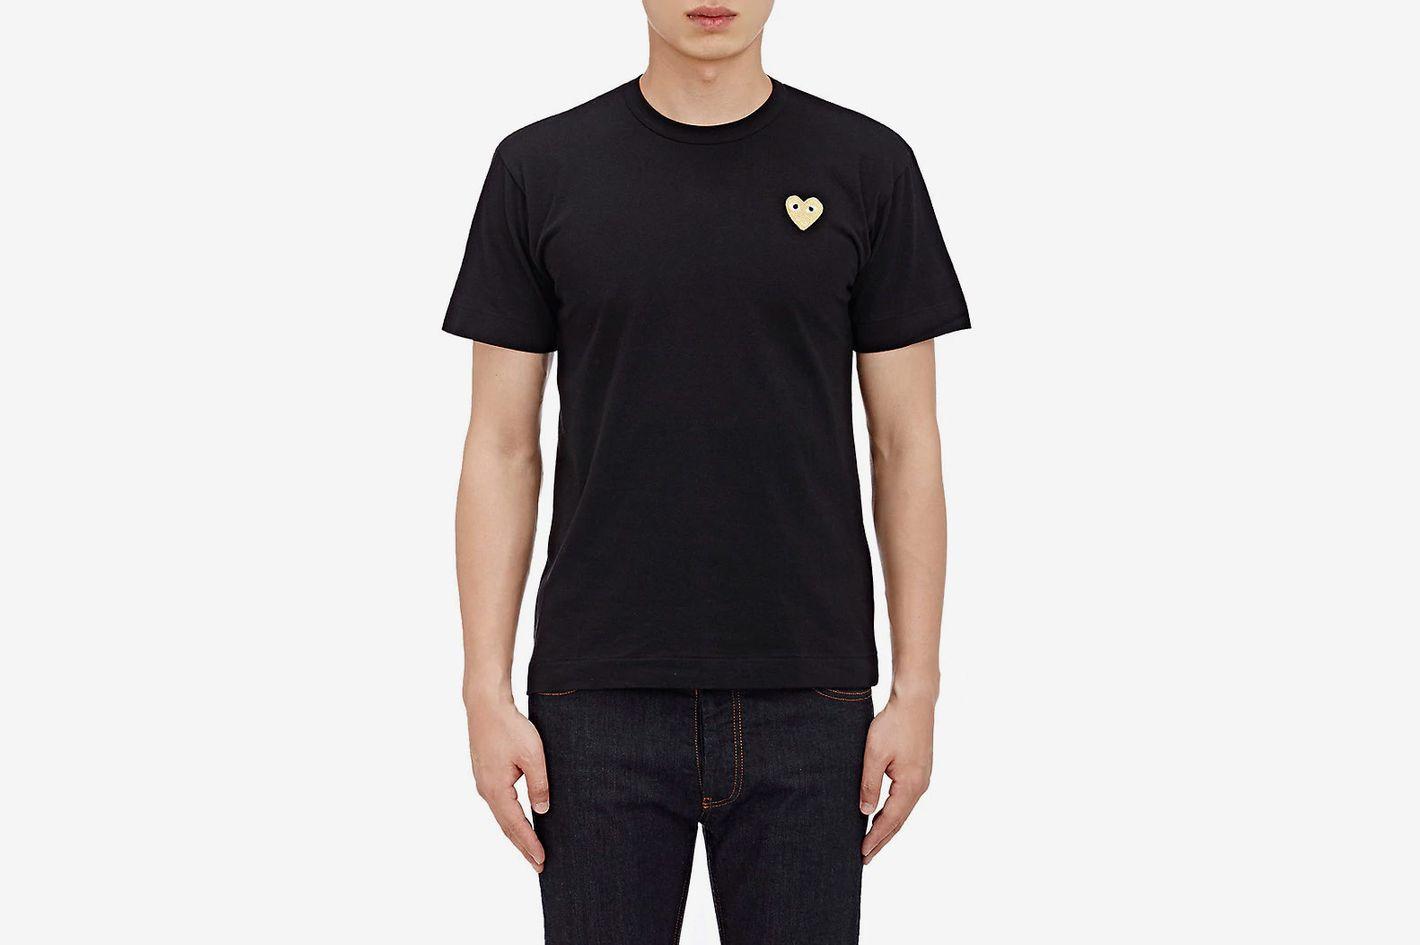 Comme des Garçons PLAY Appliquéd T-shirt